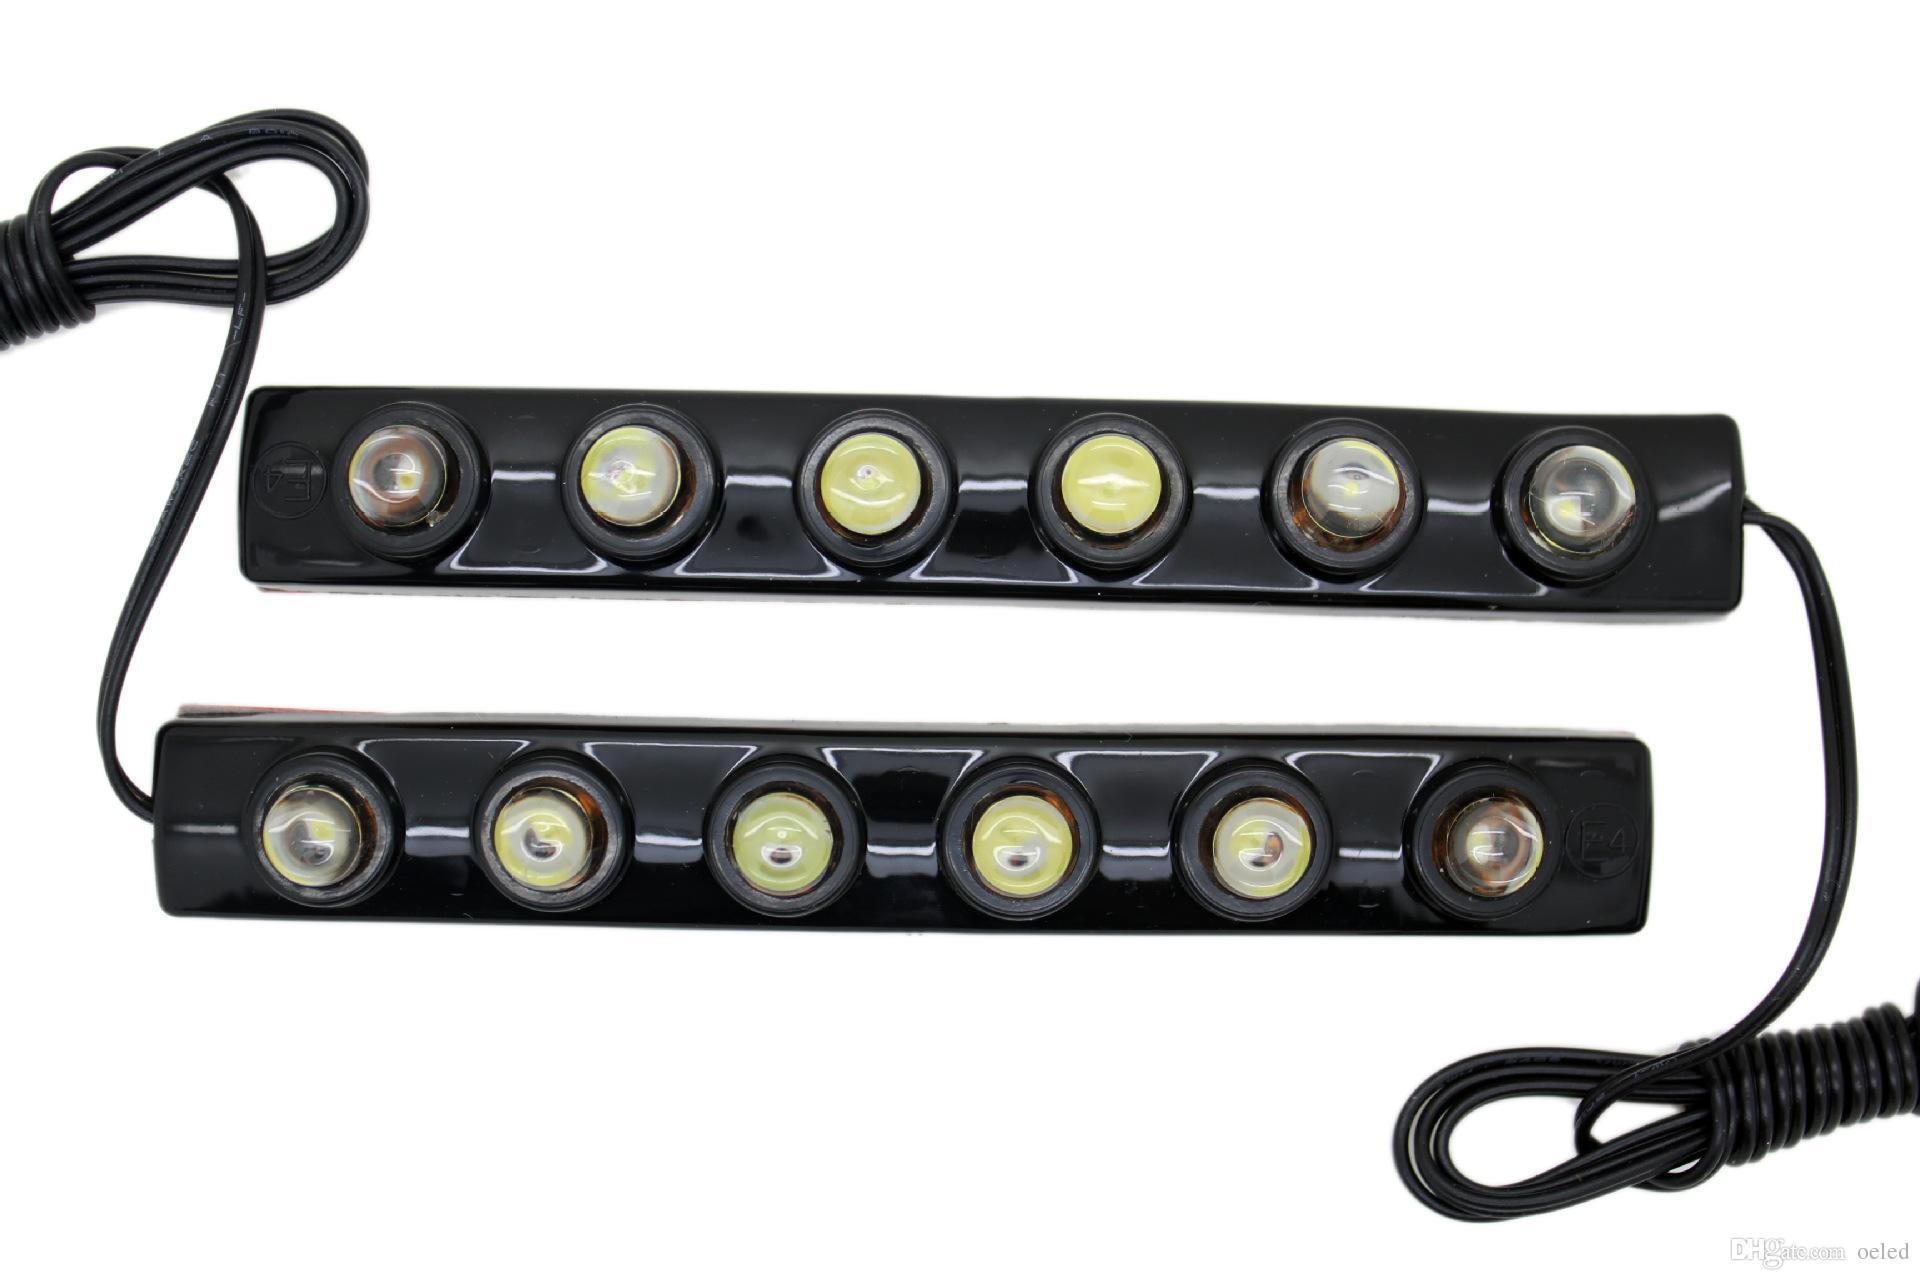 6 LED 17CM Гибкие универсальные Белые дневные Рабочие Вождение DRL / Хвост Обратный Гибкий Для Автомобиля Легкая Лампа Декоративный Орел Глаз